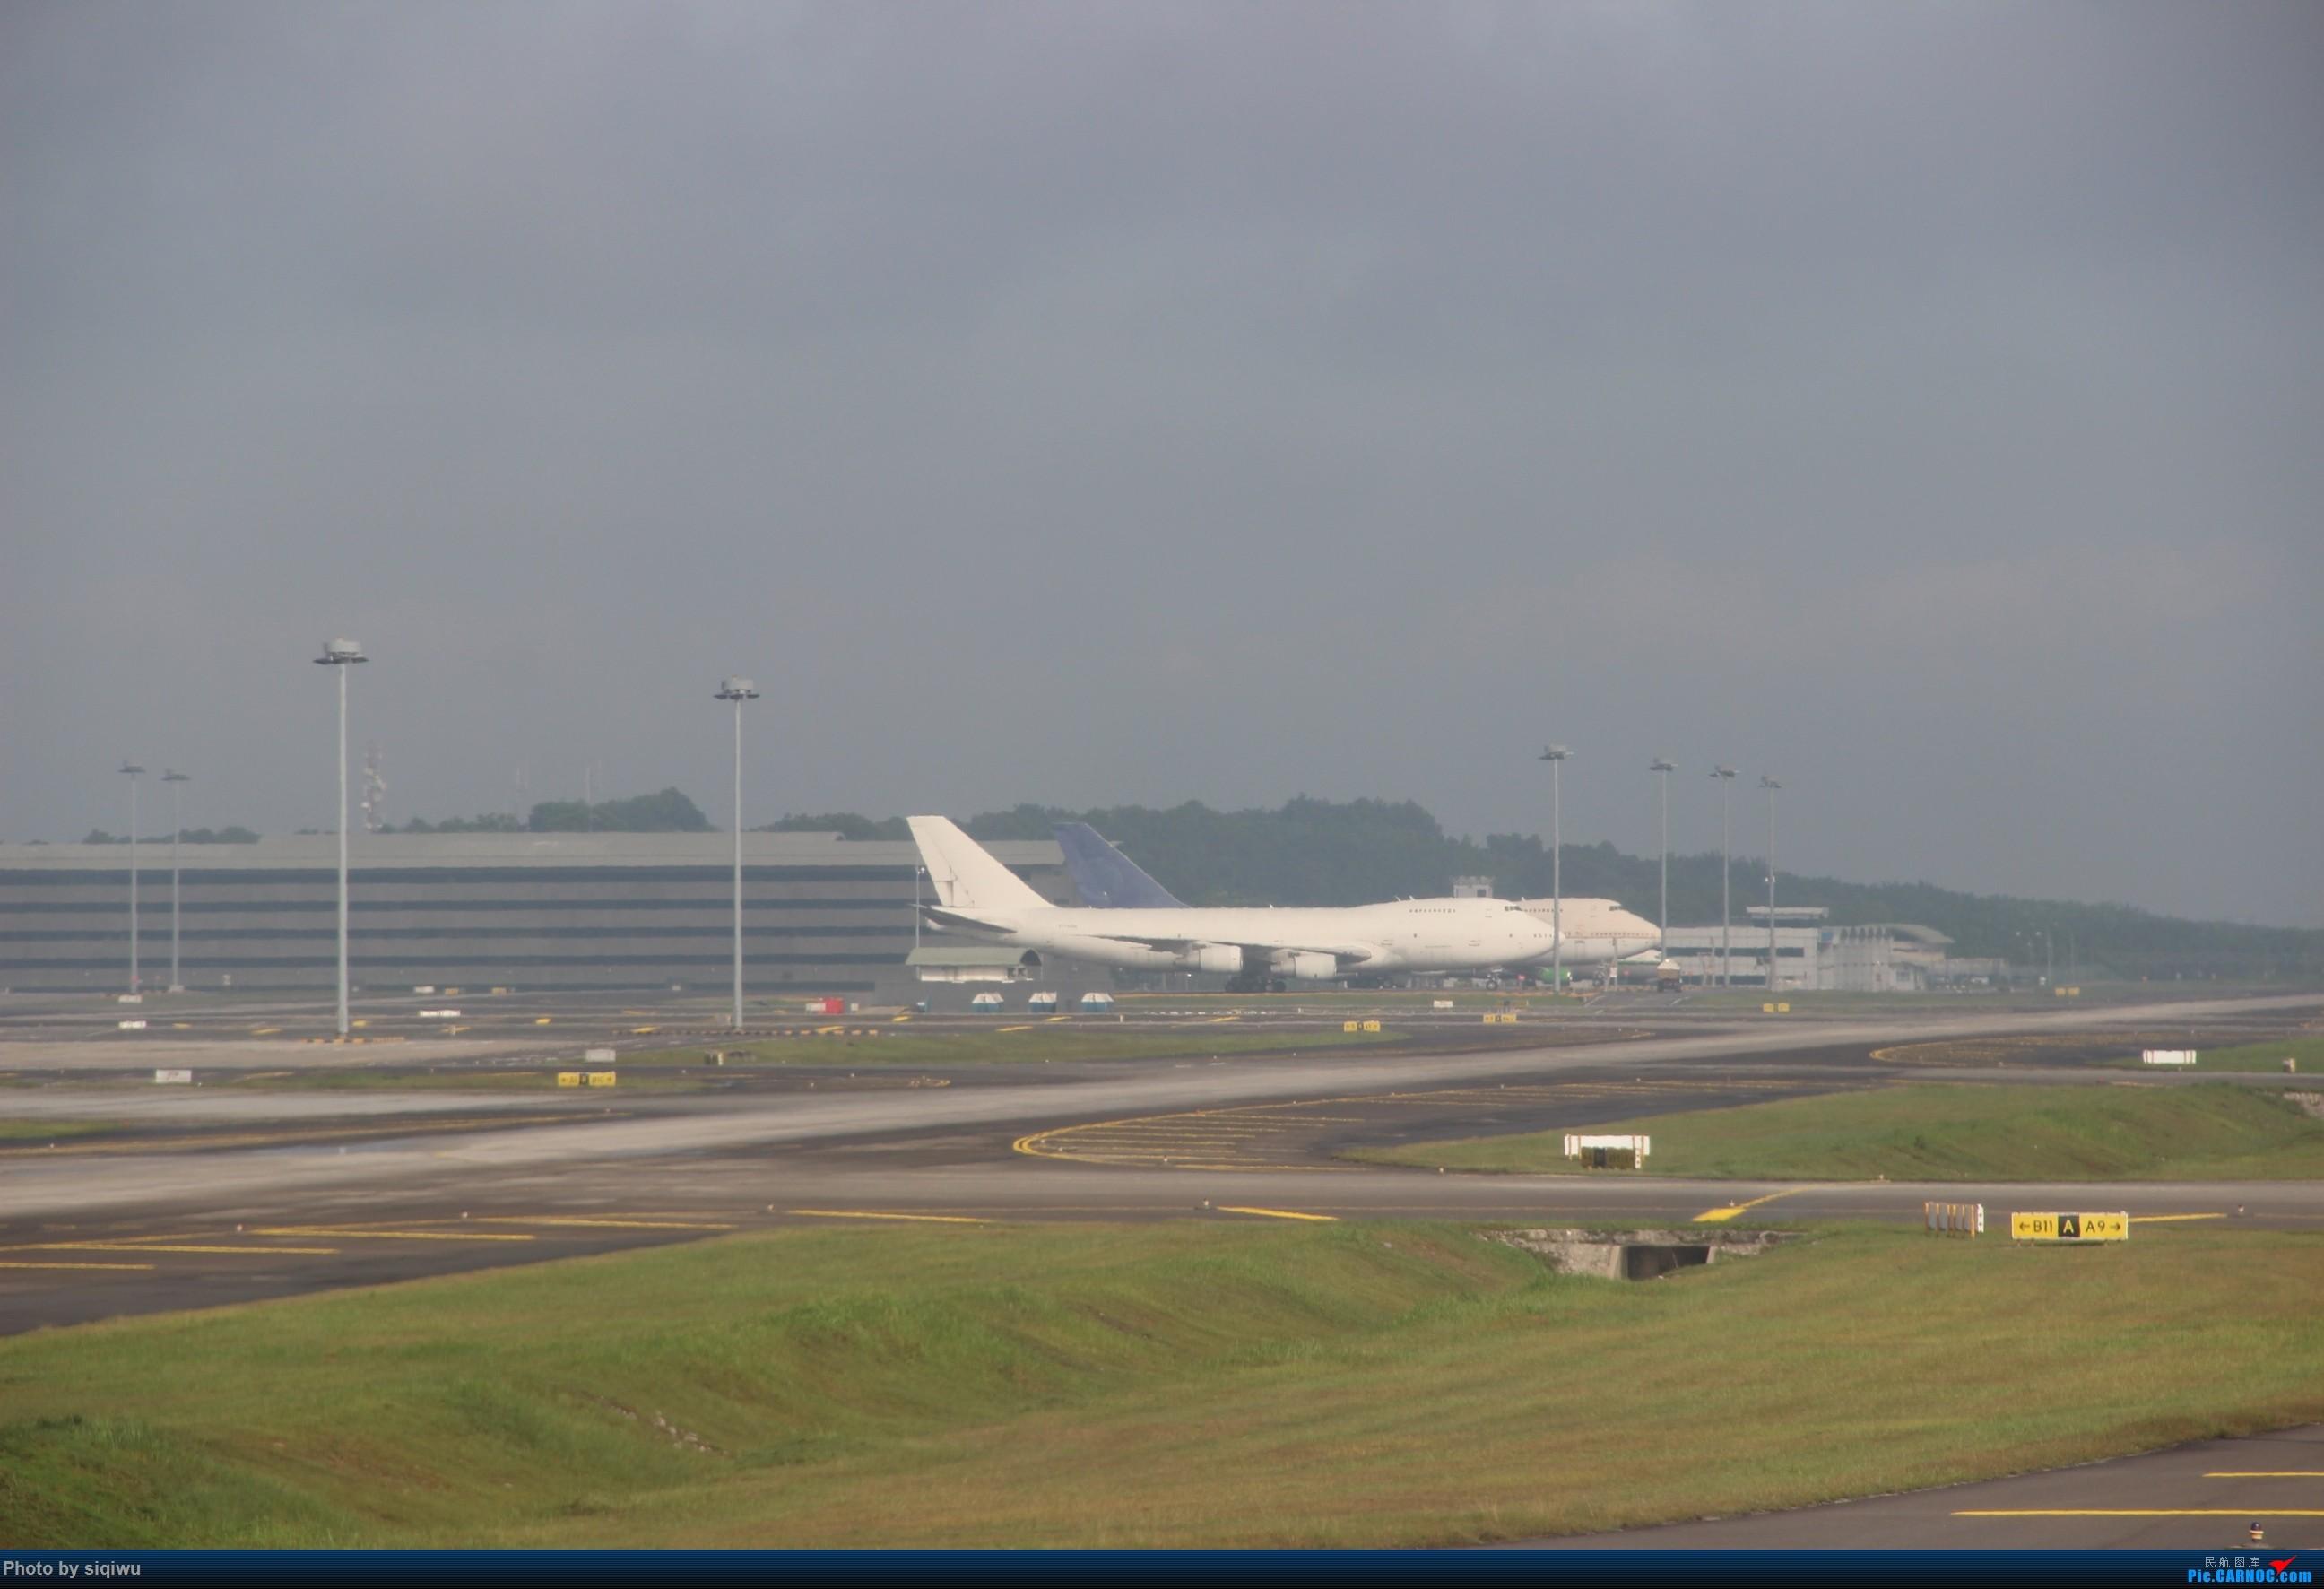 Re:[原创]PVG-HKG-KUL-HKG-PVG 四天往返,CX/KA BOEING 747-400  马来西亚吉隆坡国际机场